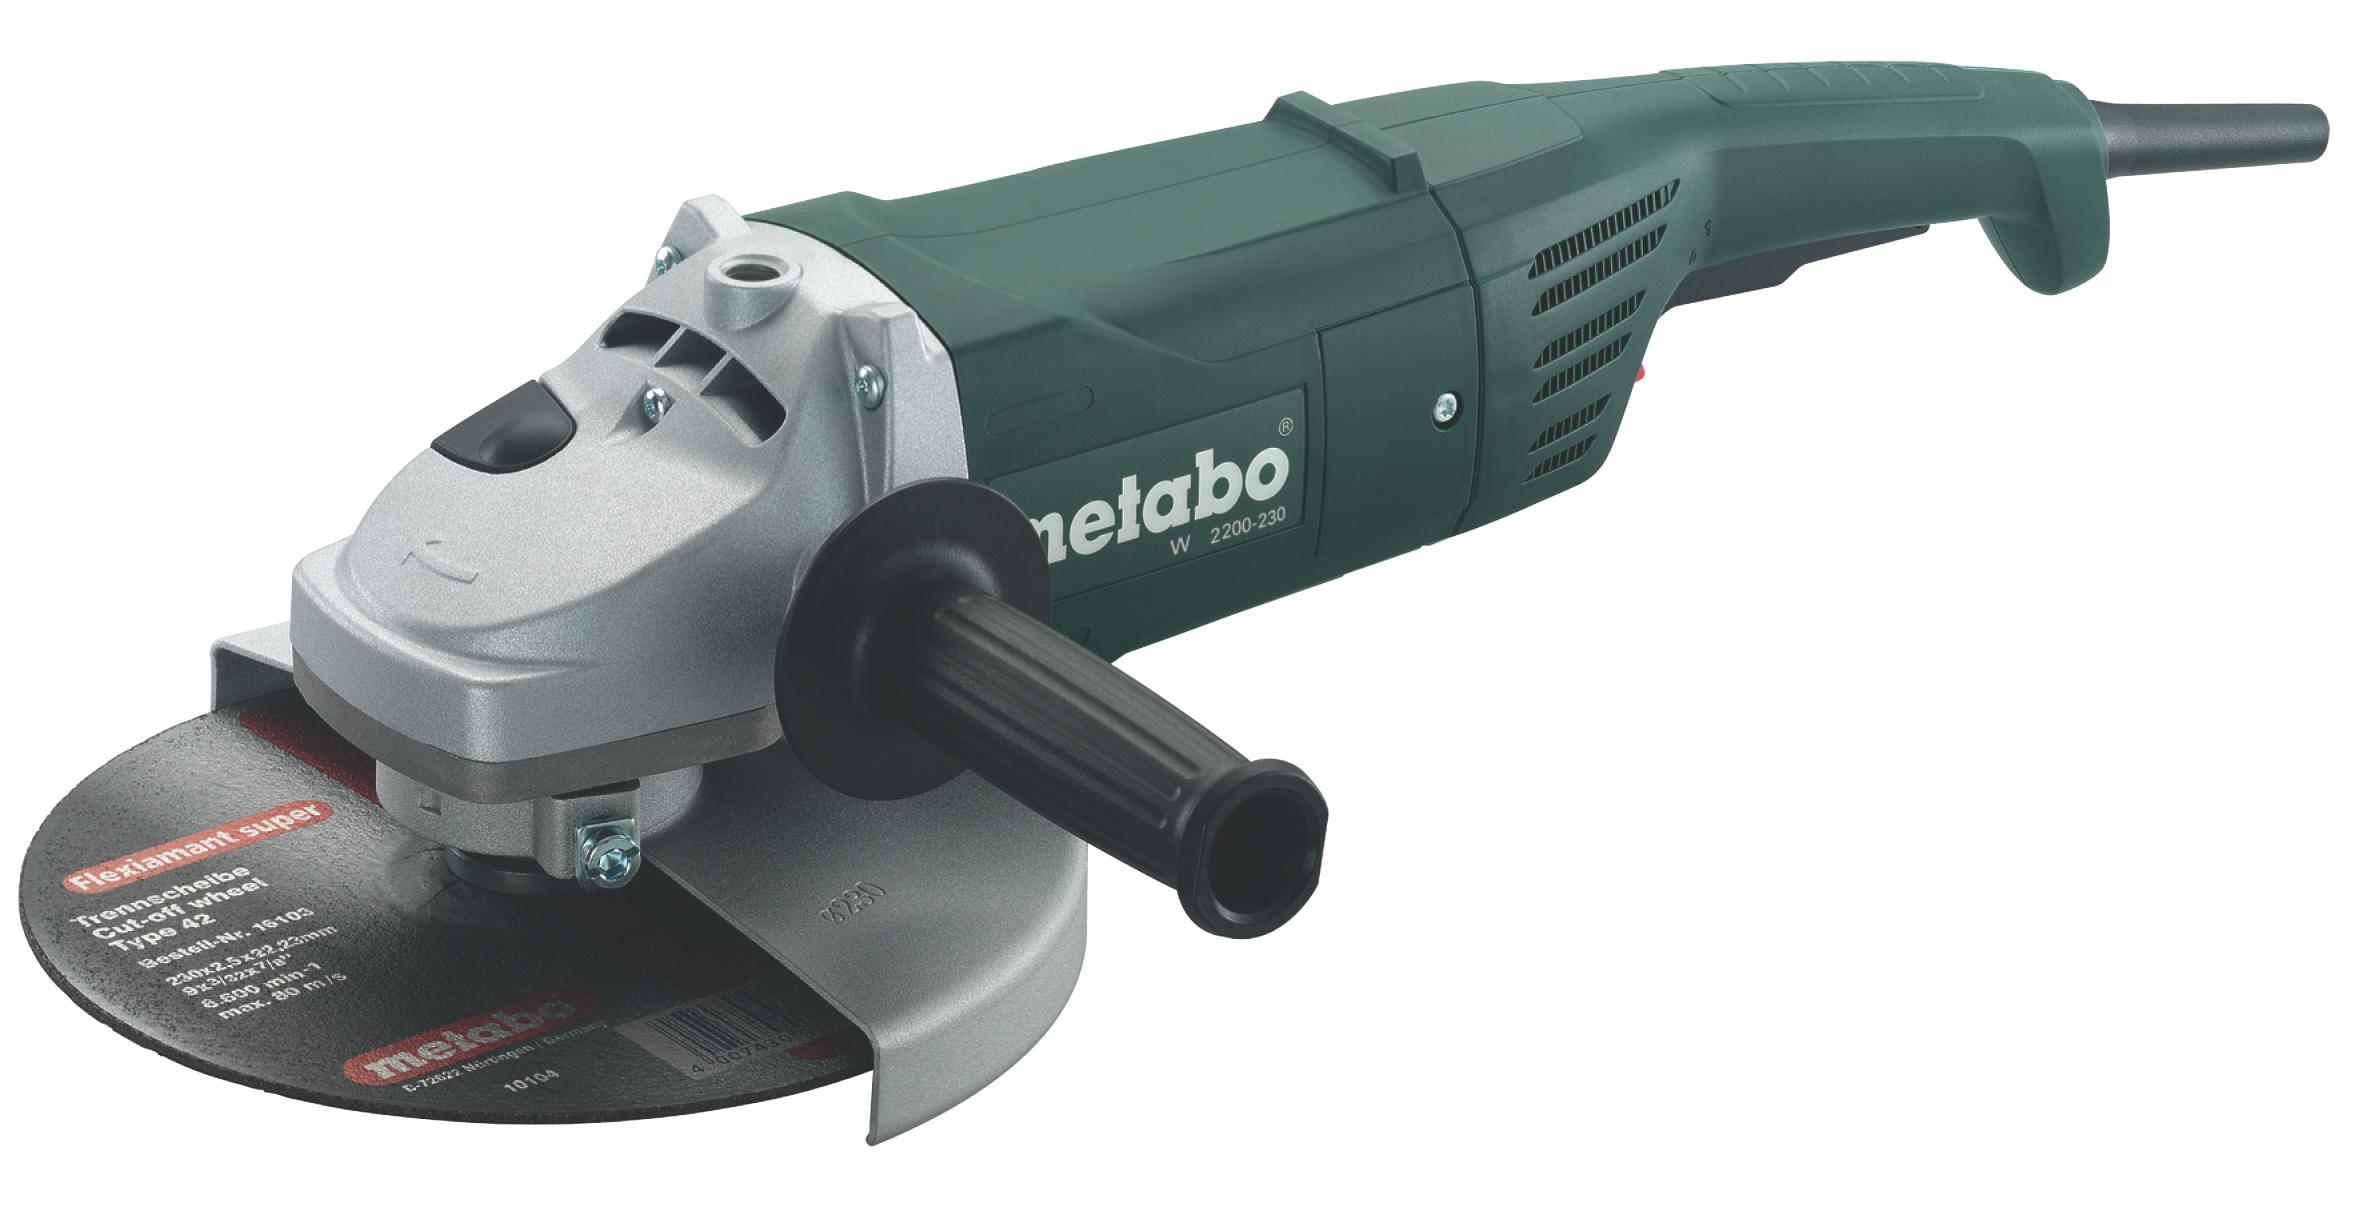 УШМ (болгарка) Metabo W 2200-230 (600335000)